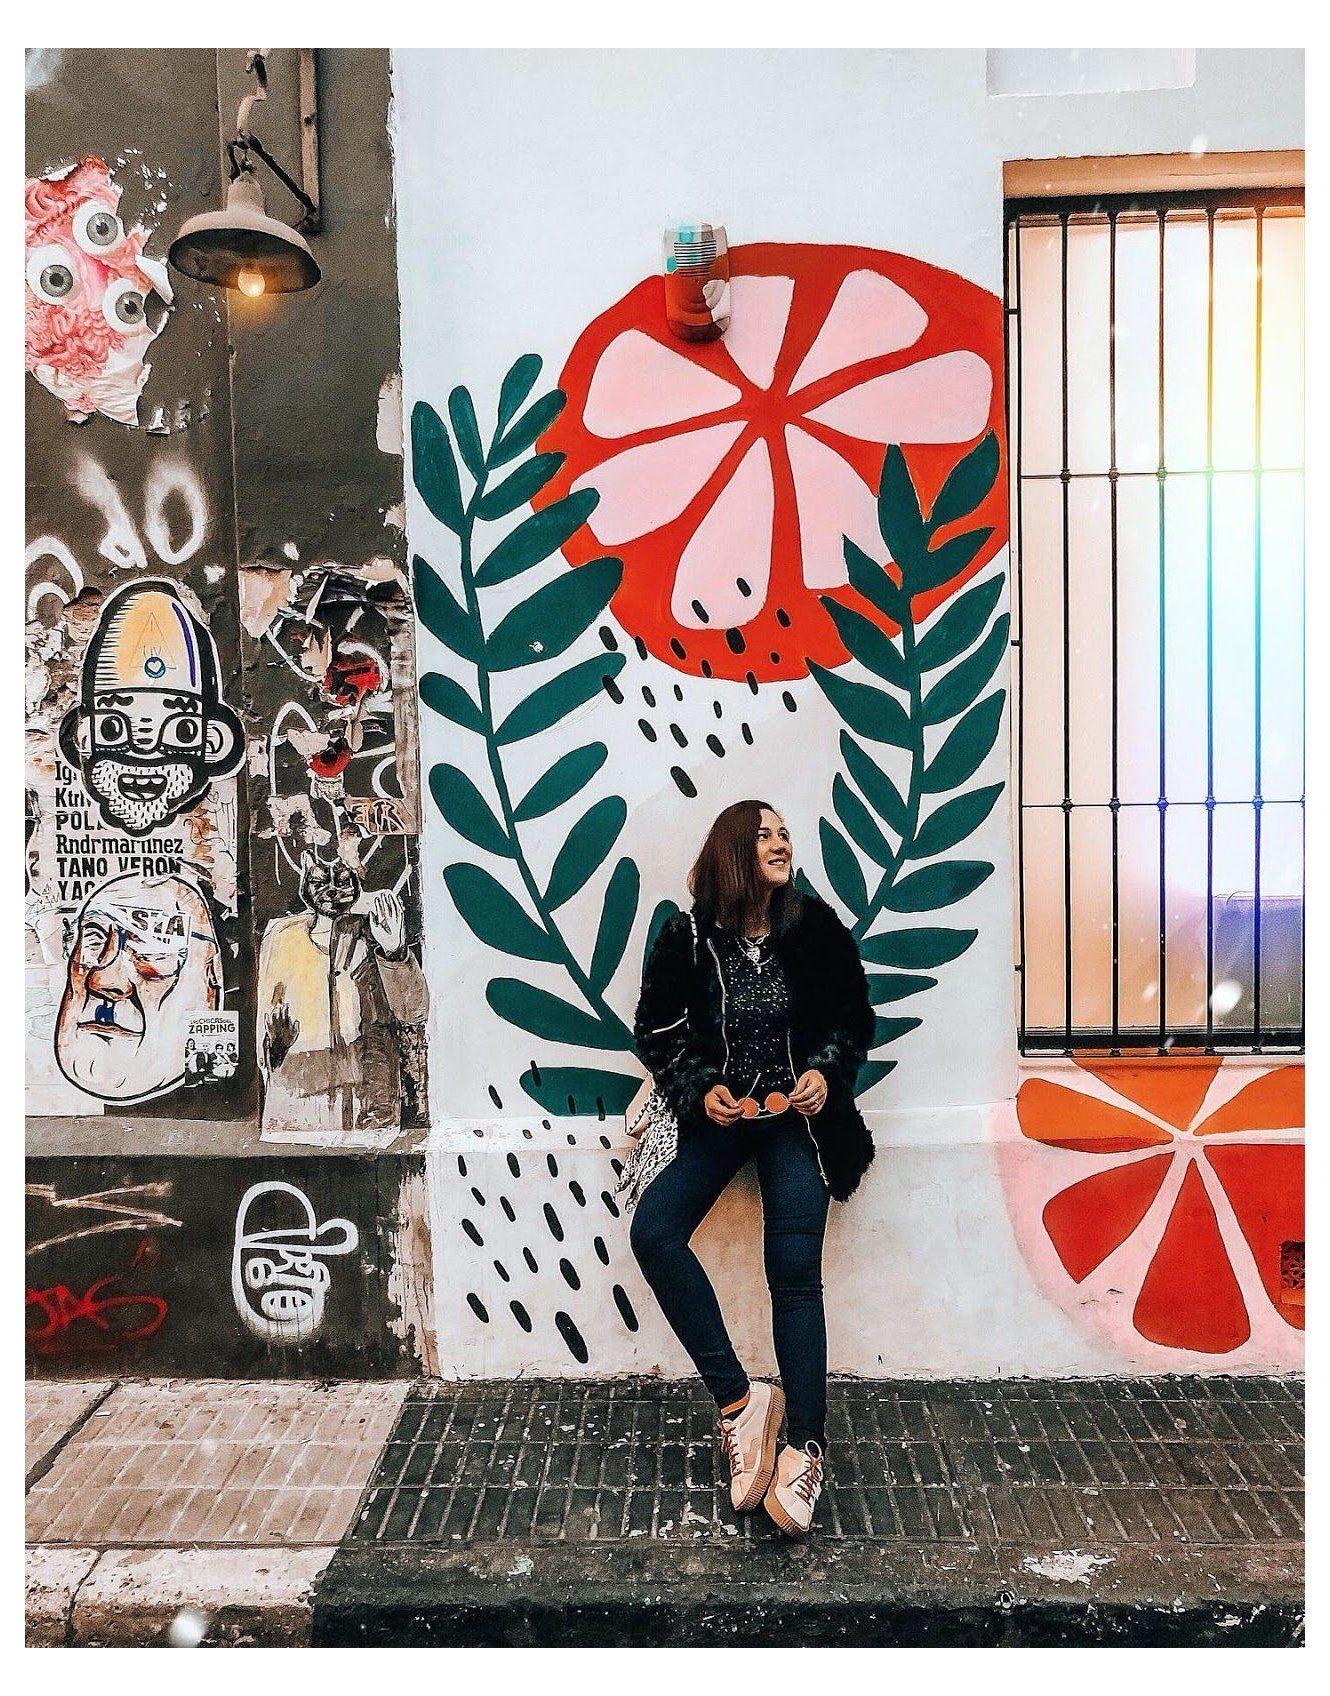 flower wall murals painted street art MURALES EN P